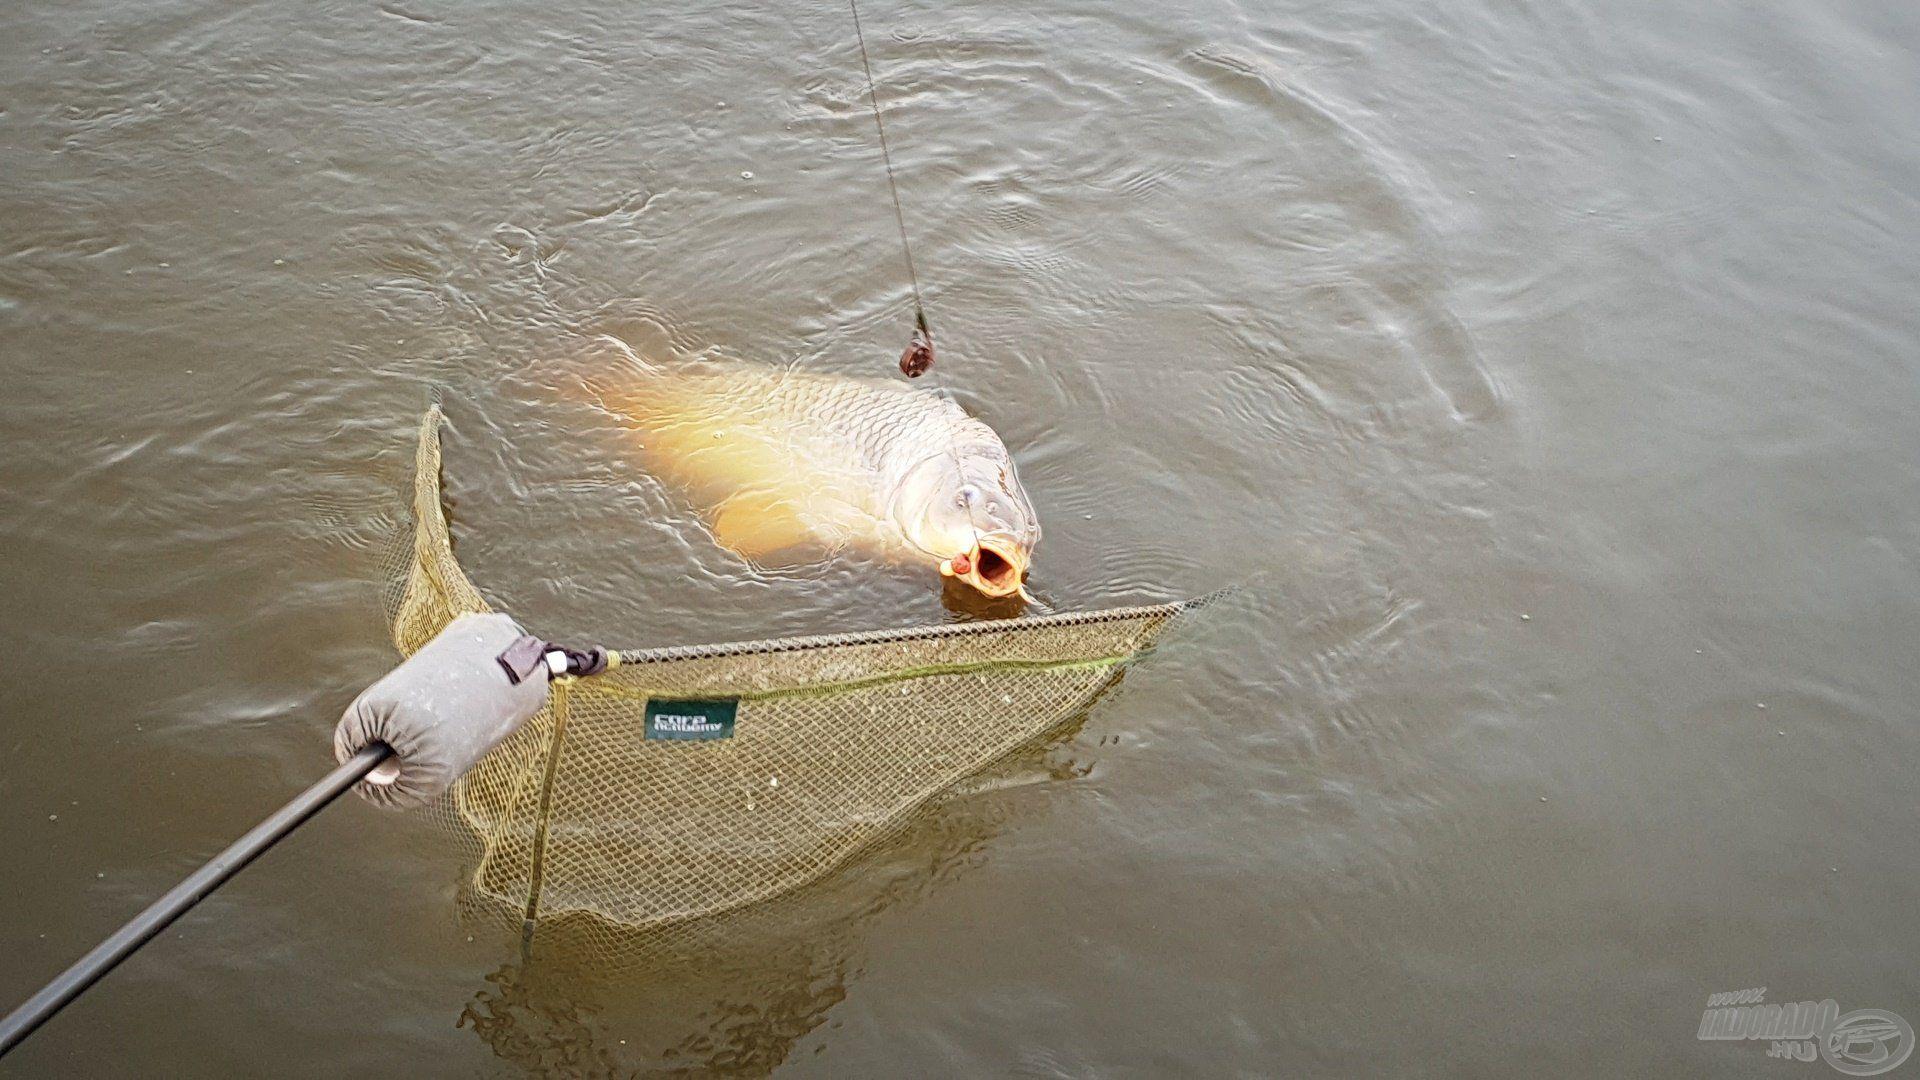 Ez a nap meglehetősen mozgalmasra sikeredett, a halak jól reagáltak a fűszeres ízvilágra